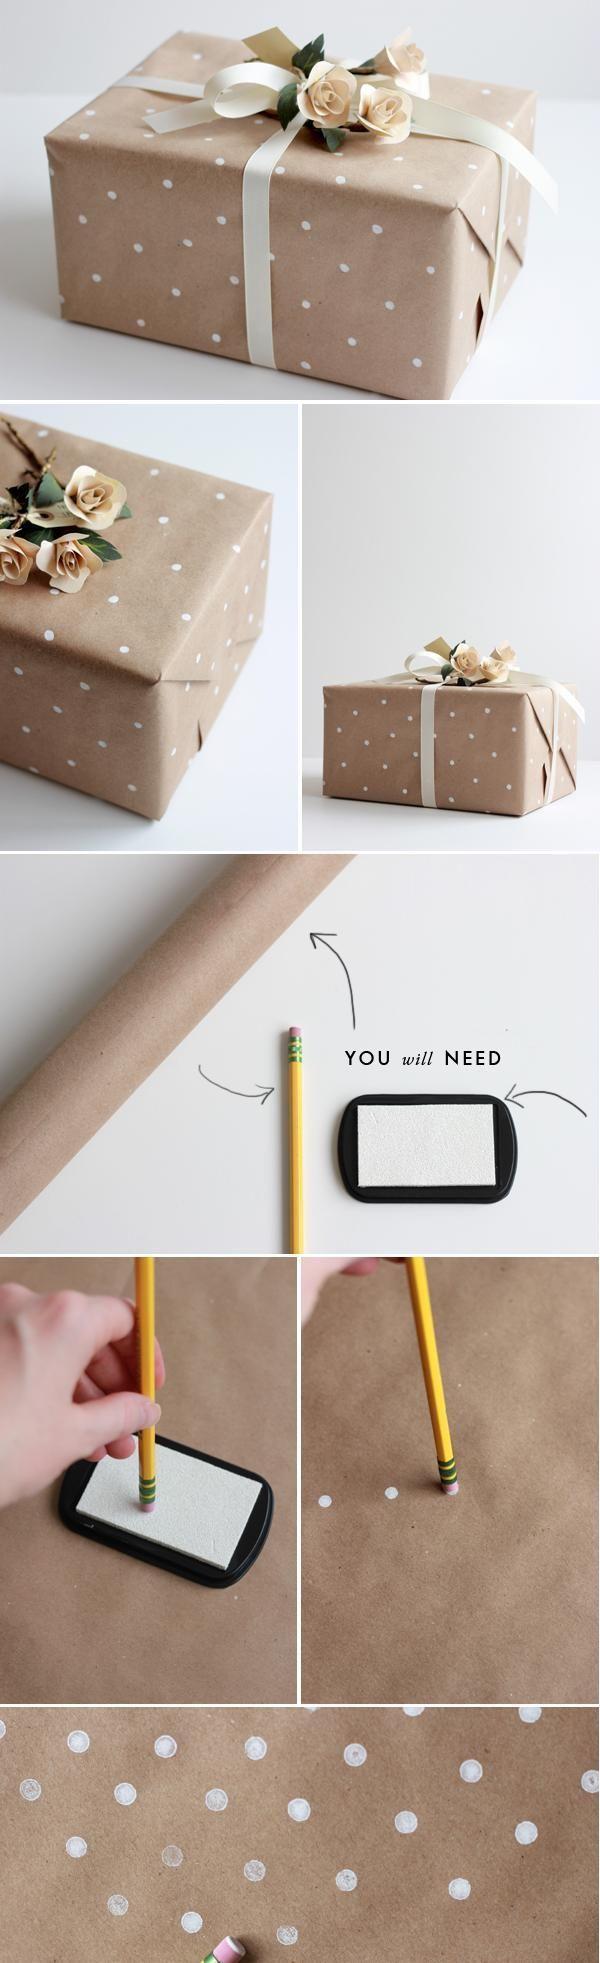 ideas-empacar-regalos-de-navidad (30)